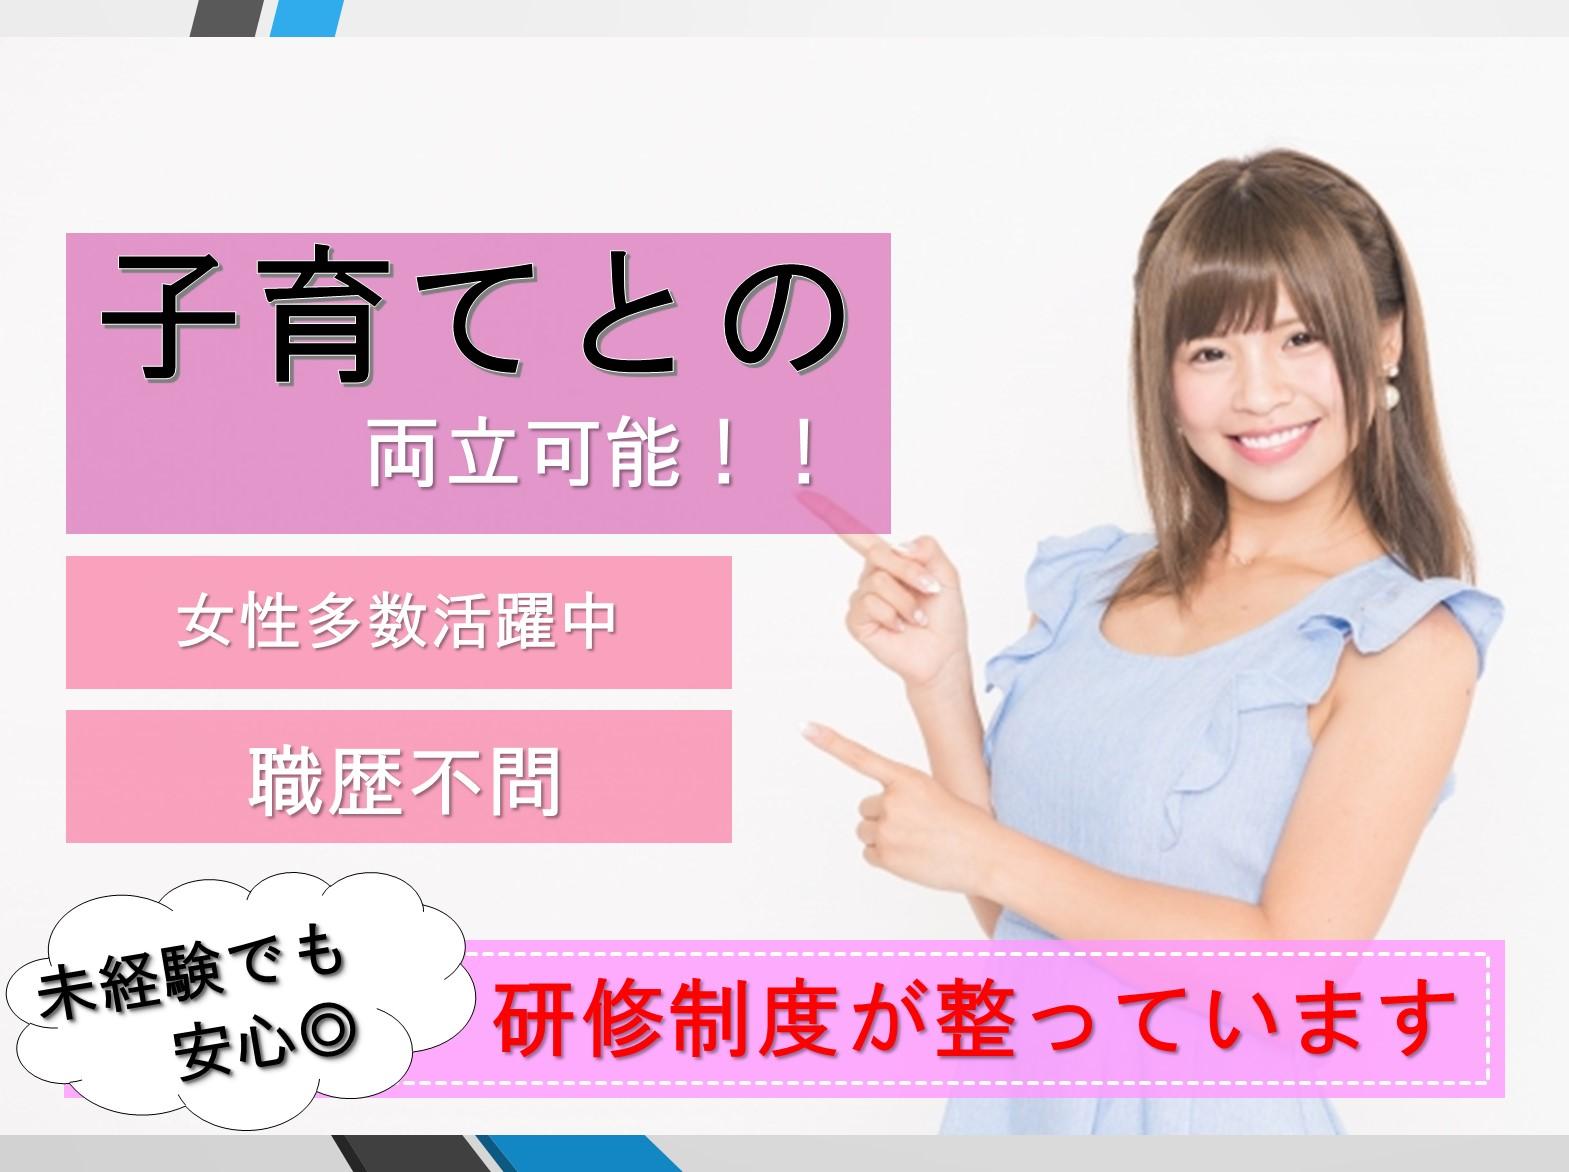 【未経験可のお仕事】大垣市で働きたい方必見!福利厚生プランナー急募! イメージ